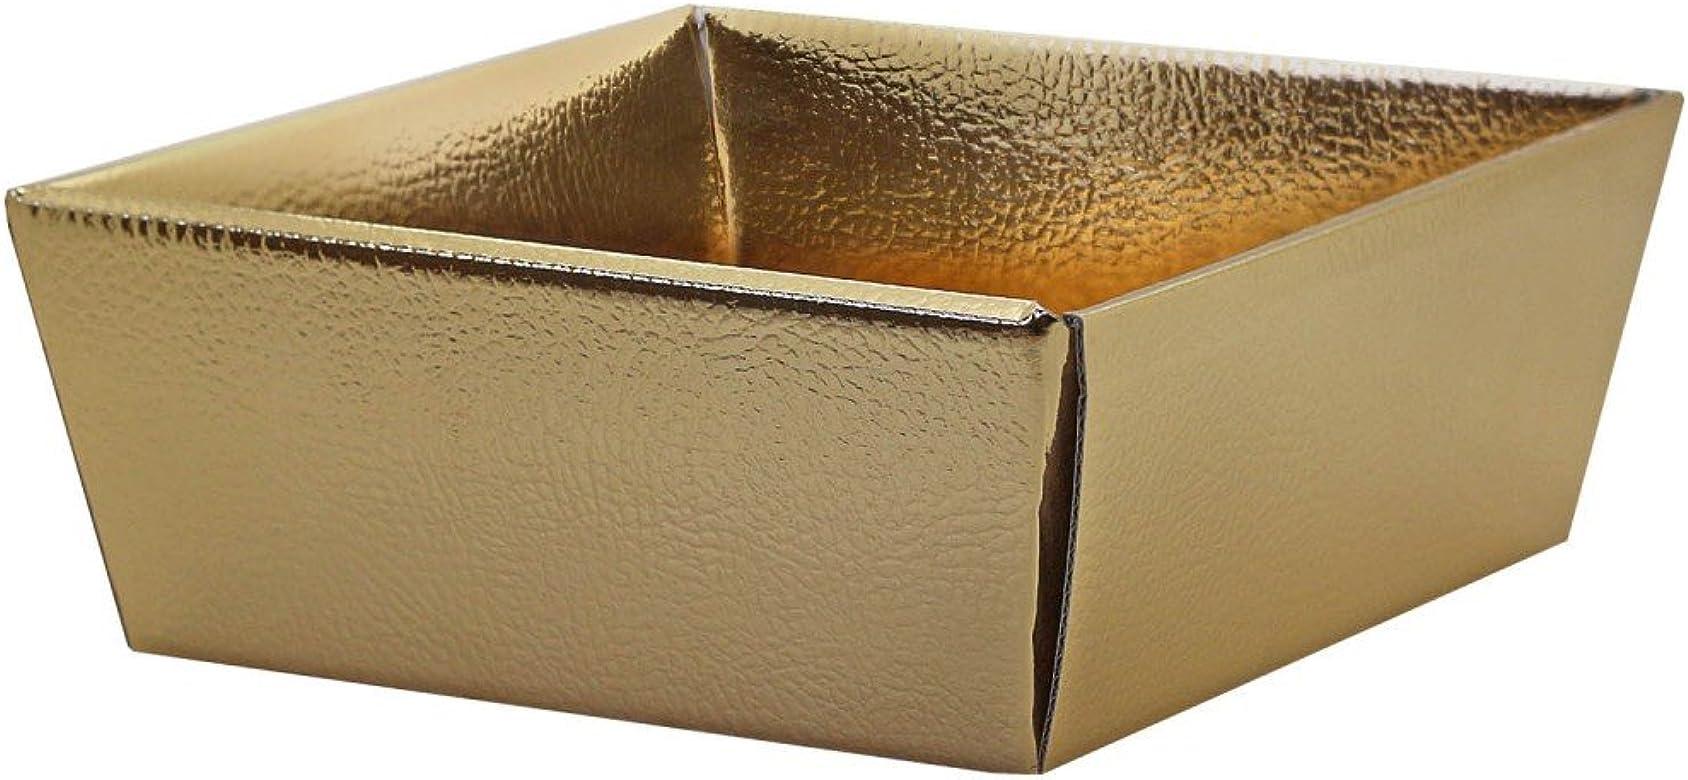 tumundo Caja Plegable Estable Cartón Almacenamiento Caso Bolsa Joyería Organza Embalaje Caja Regalo Cumpleaños Oro Brillante, modelo:1 Stück/1 piece: Amazon.es: Joyería